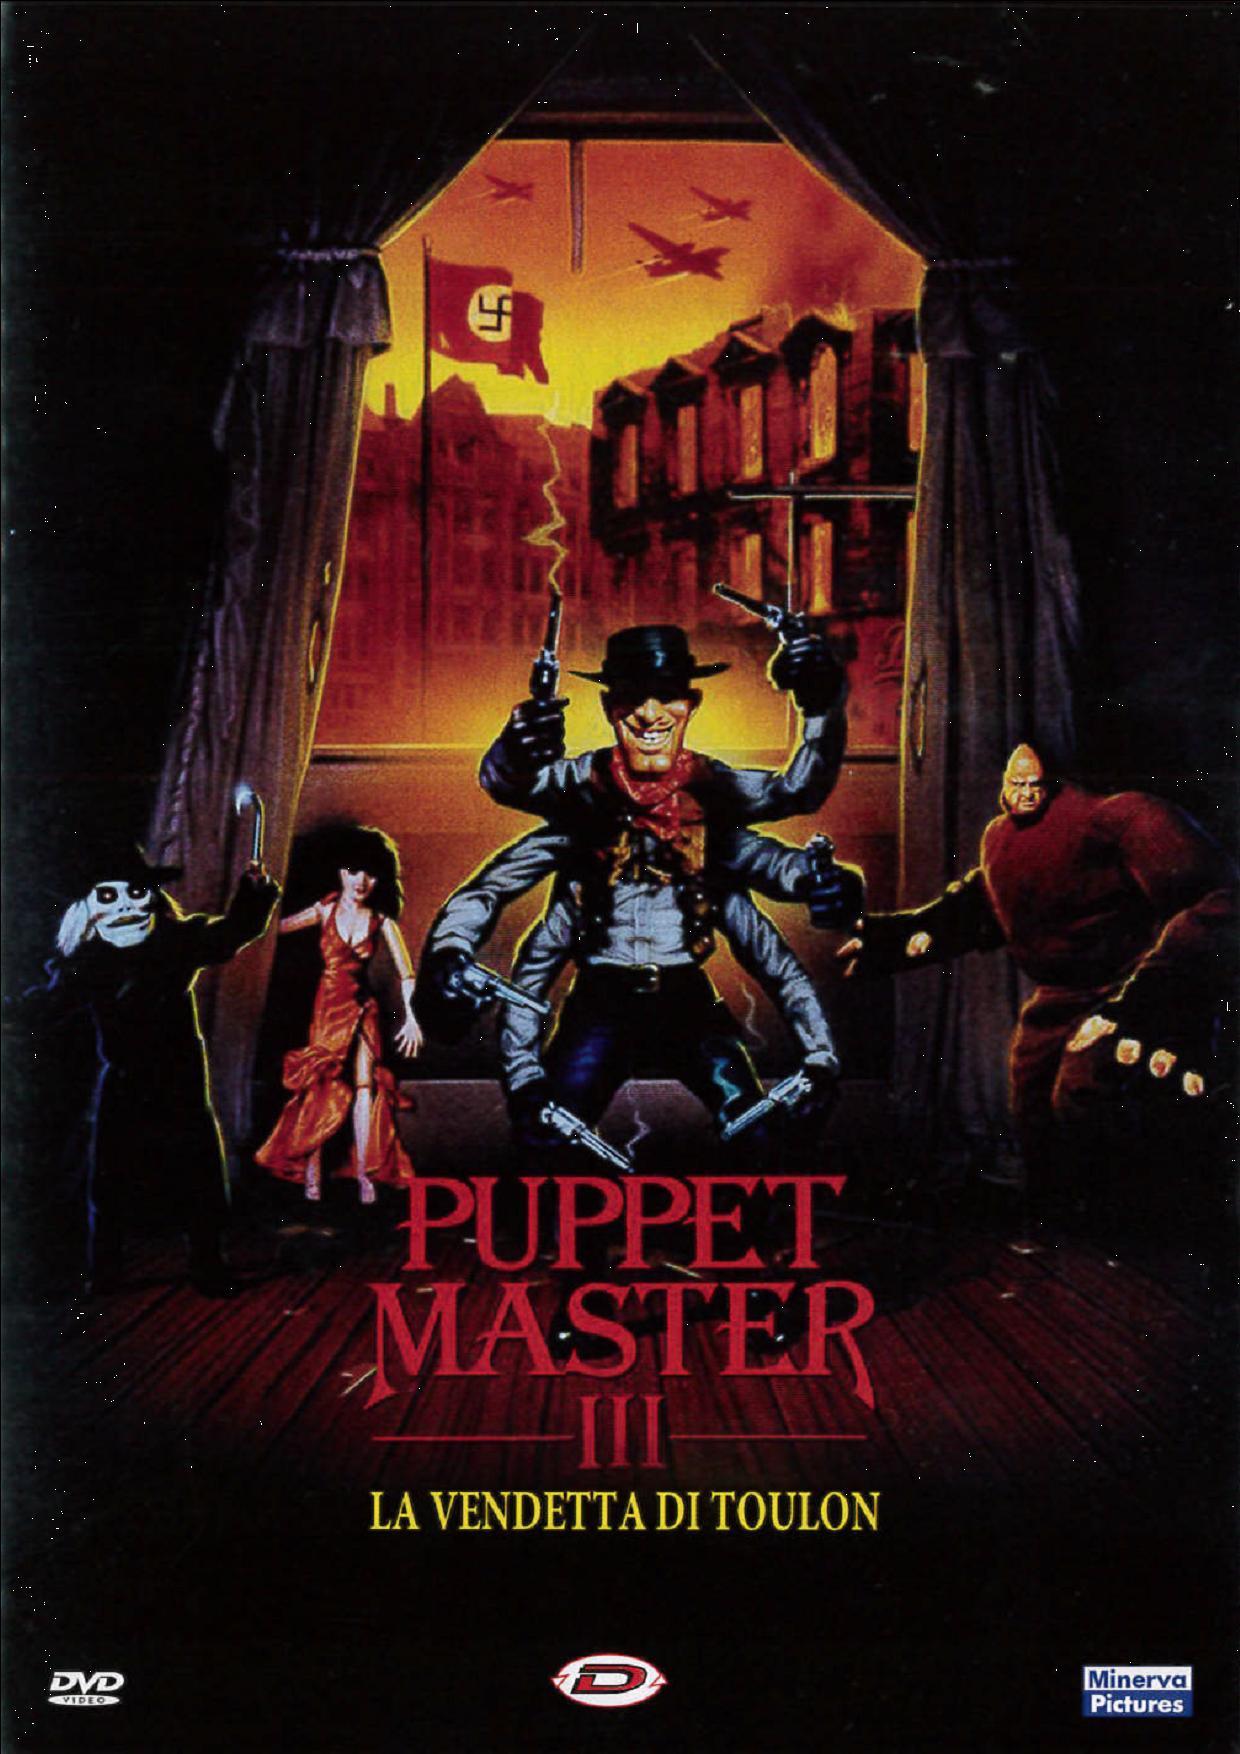 PUPPET MASTER 3 - LA VENDETTA DI TOULON (DVD)